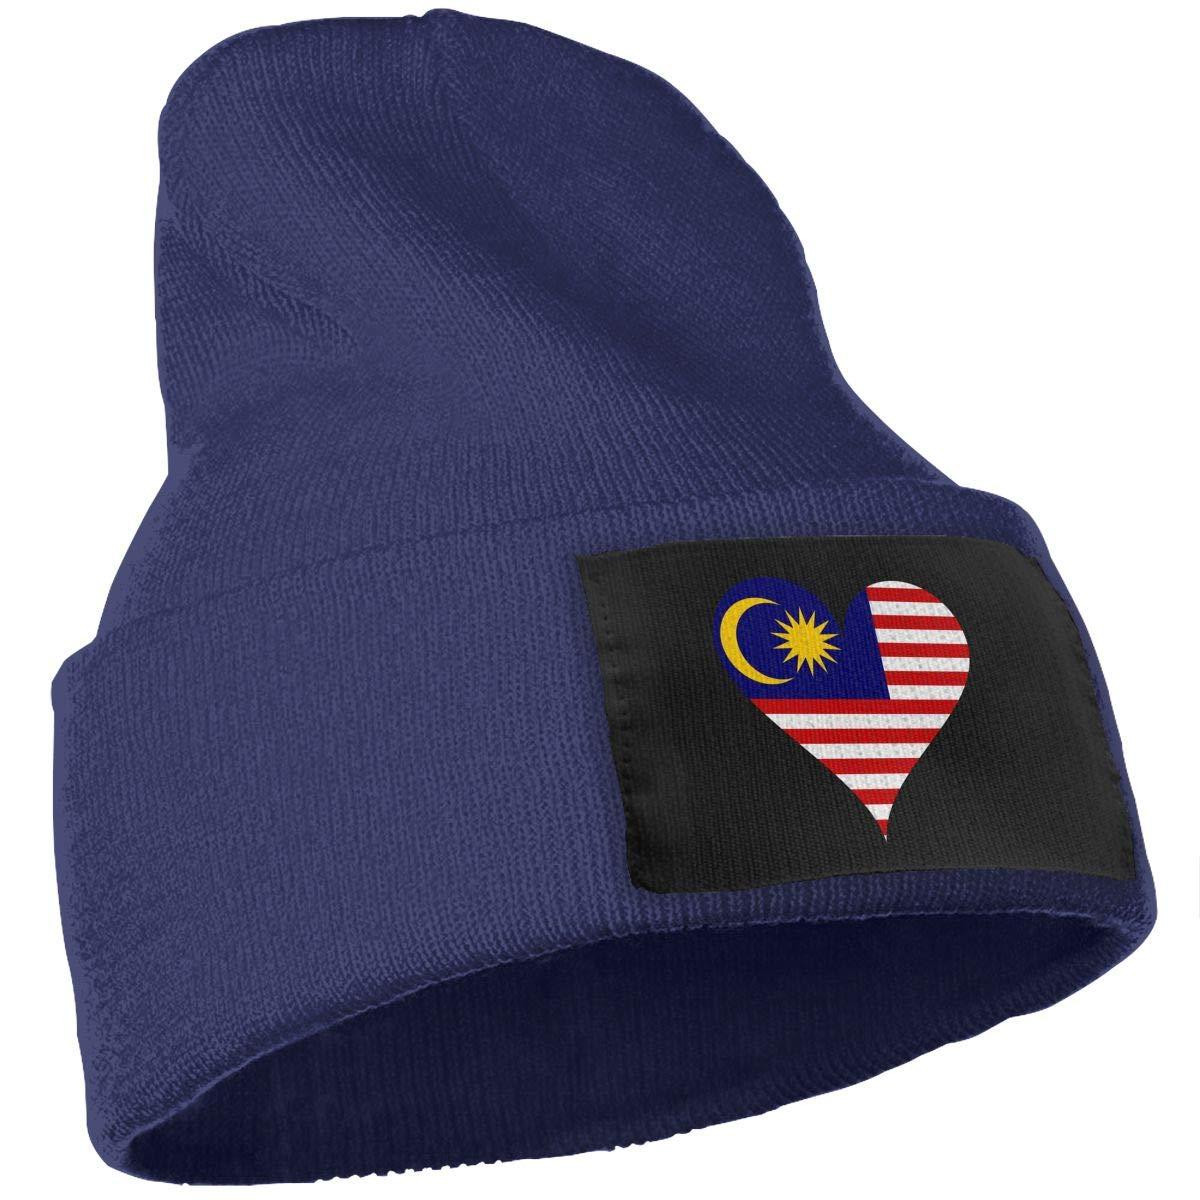 SLADDD1 Malaysia Heart Warm Winter Hat Knit Beanie Skull Cap Cuff Beanie Hat Winter Hats for Men /& Women